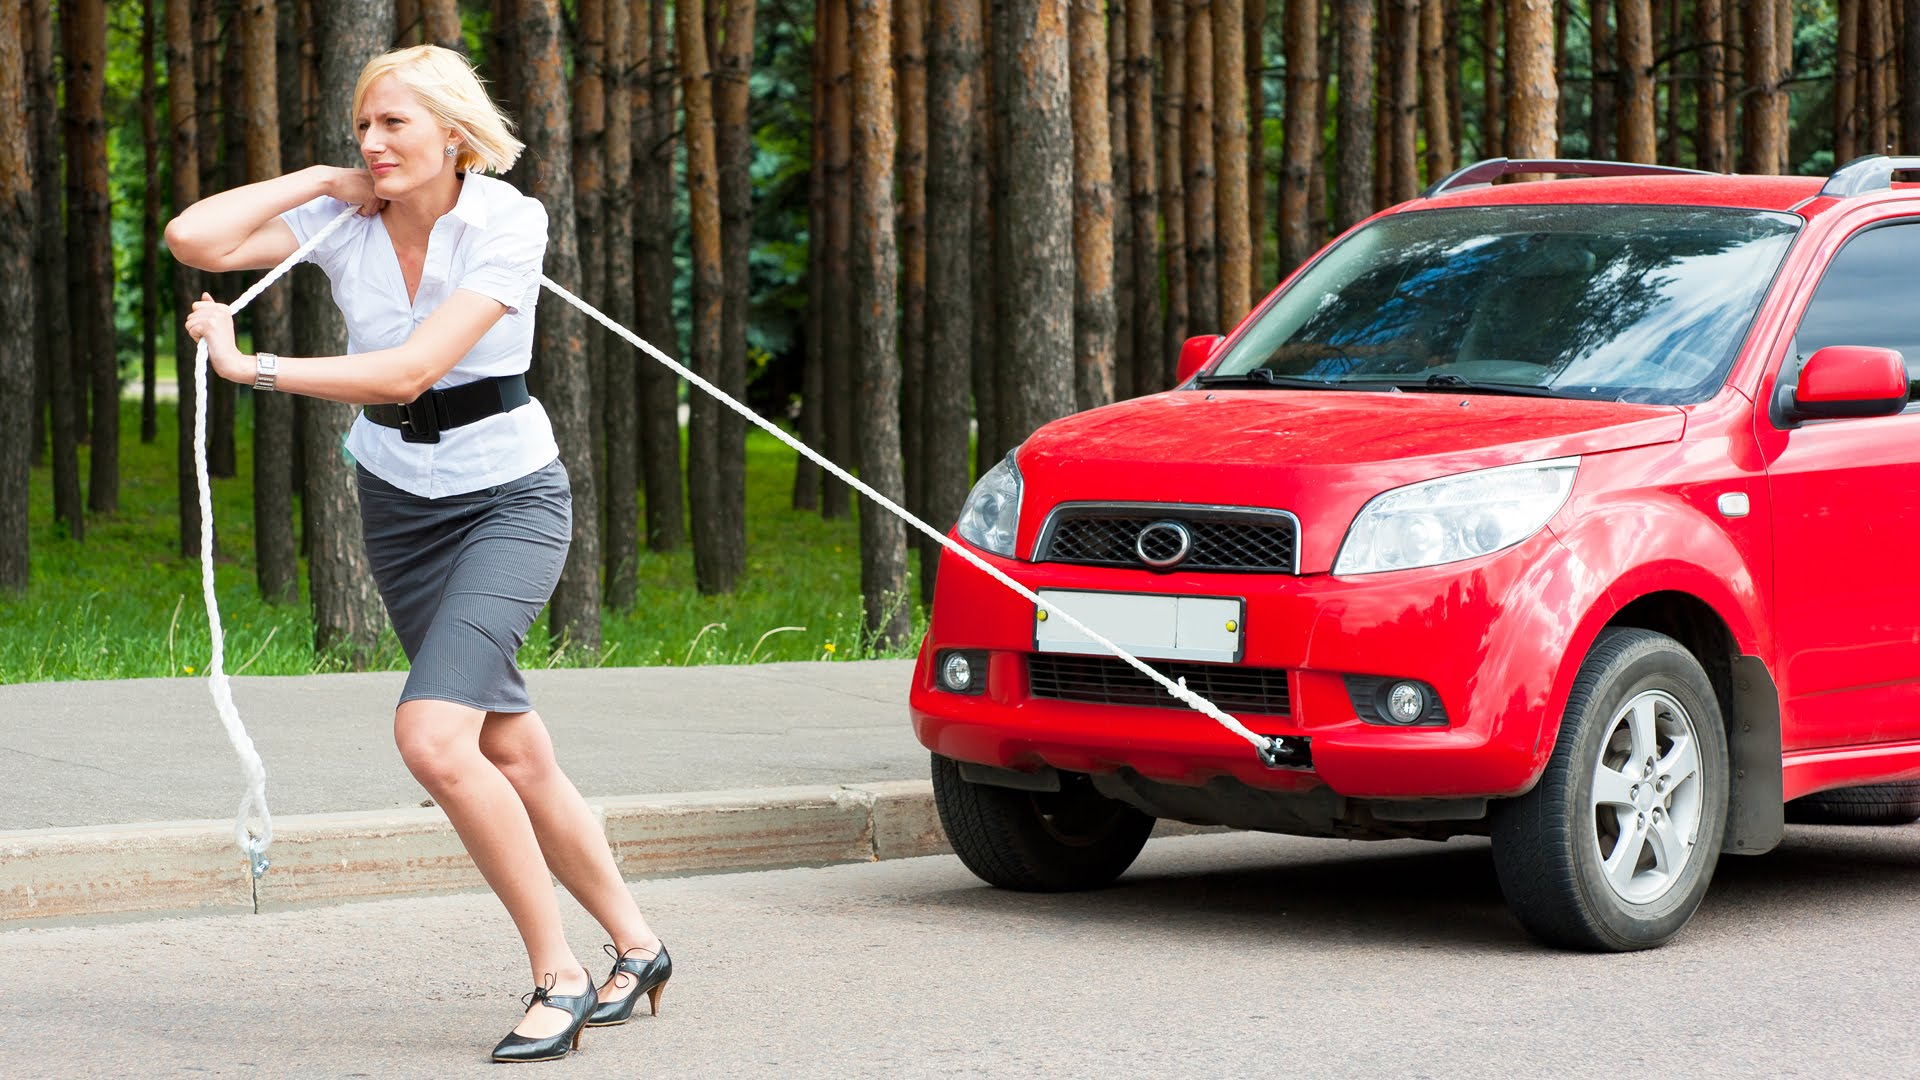 Rétroviseurs, GPS, clignotants… Ce que l'industrie automobile doit aux femmes